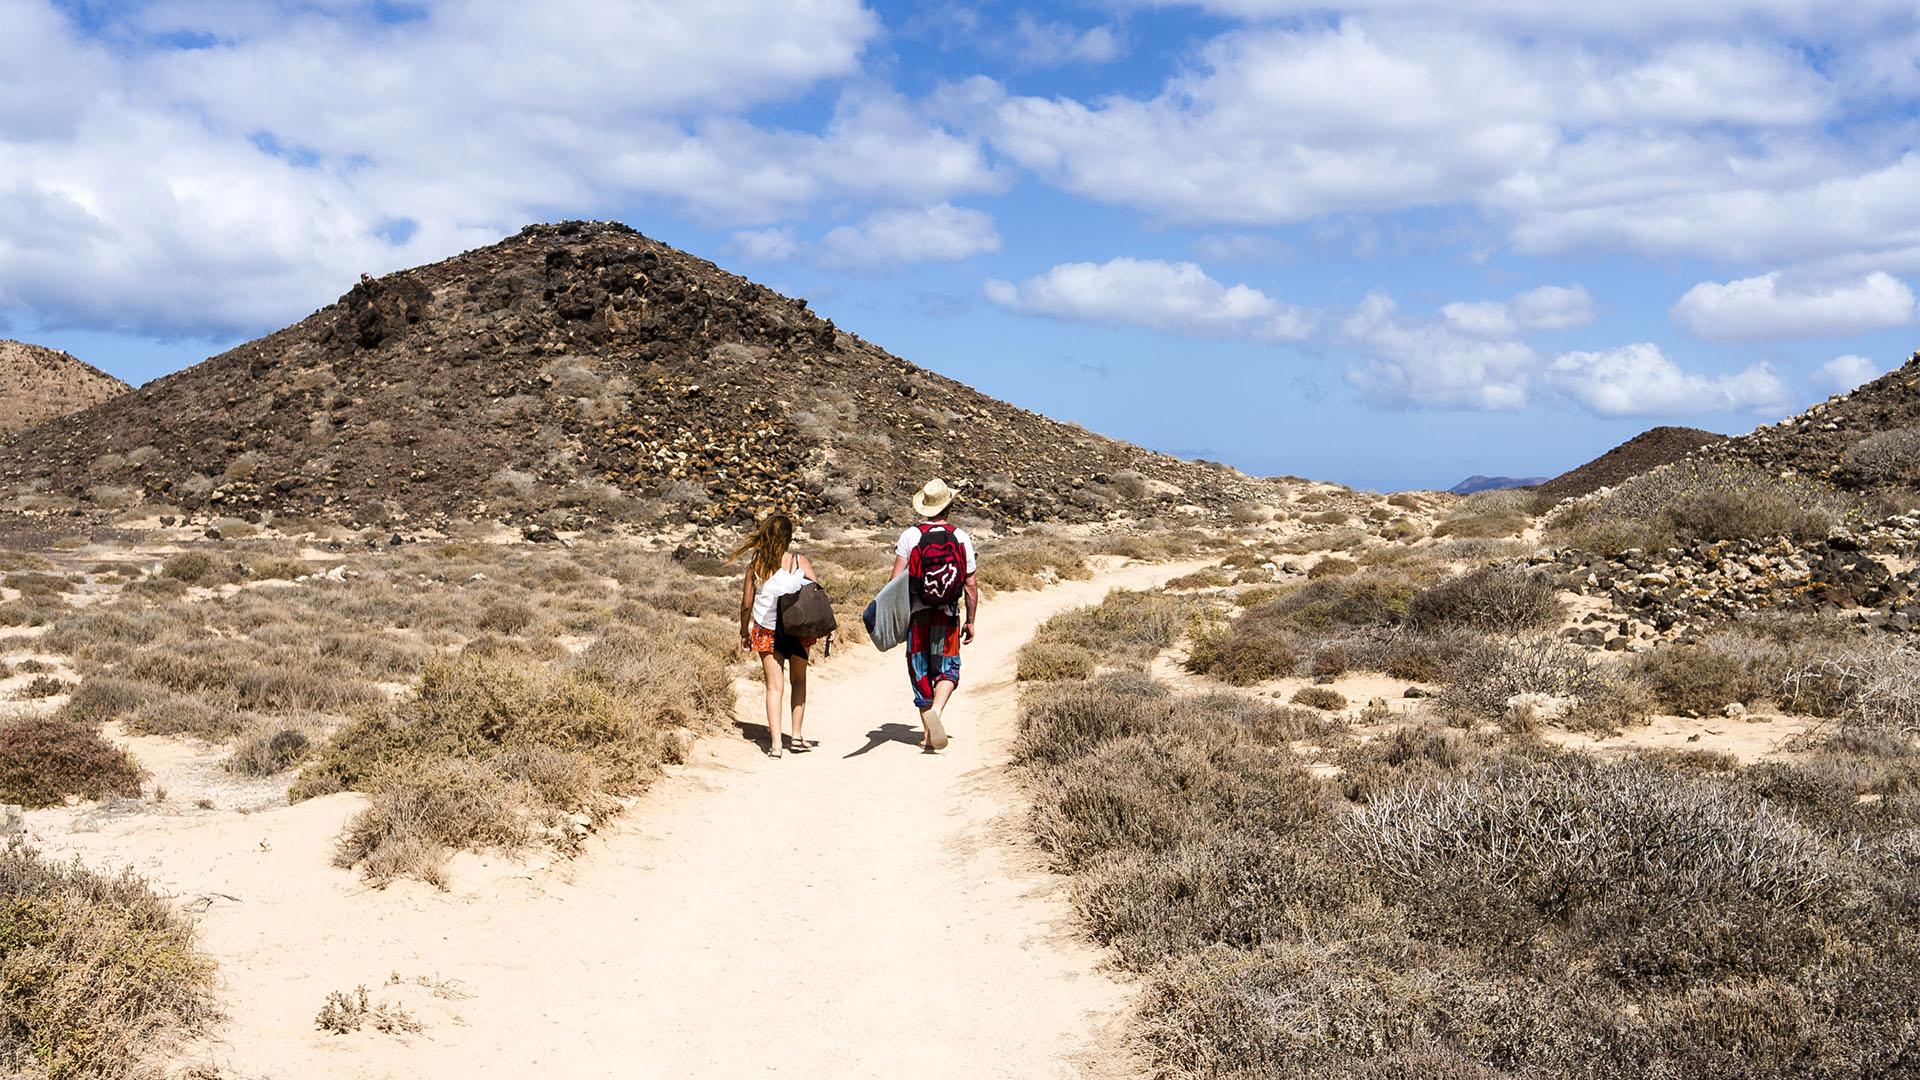 Die Strände Fuerteventuras: Playa de la Arena